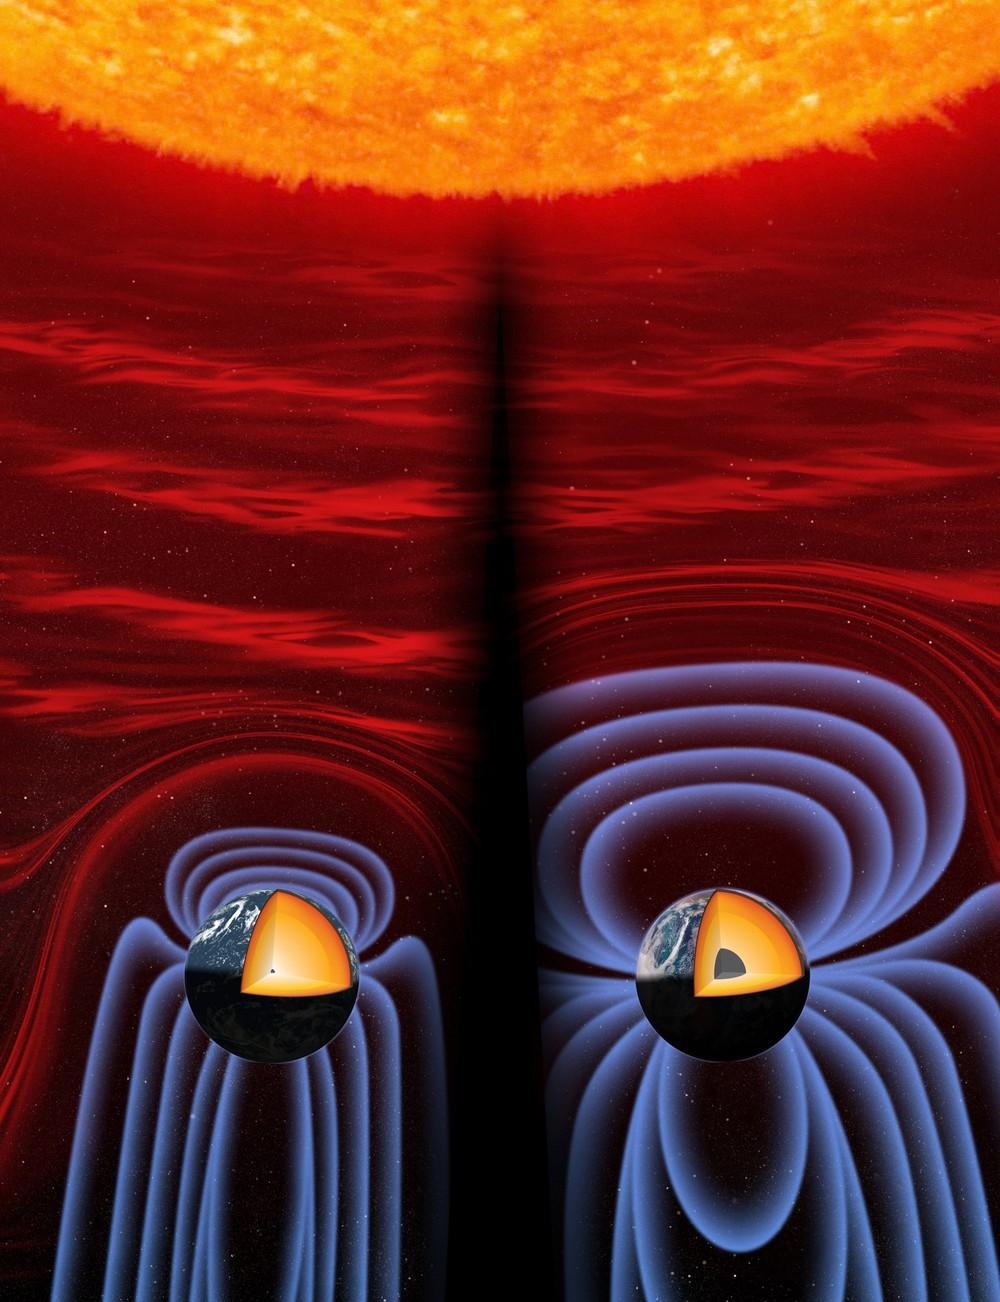 Từ trường Trái Đất biểu hiện bất thường: Địa ngục 5000 độ trong lòng đất có bệnh? - Ảnh 5.